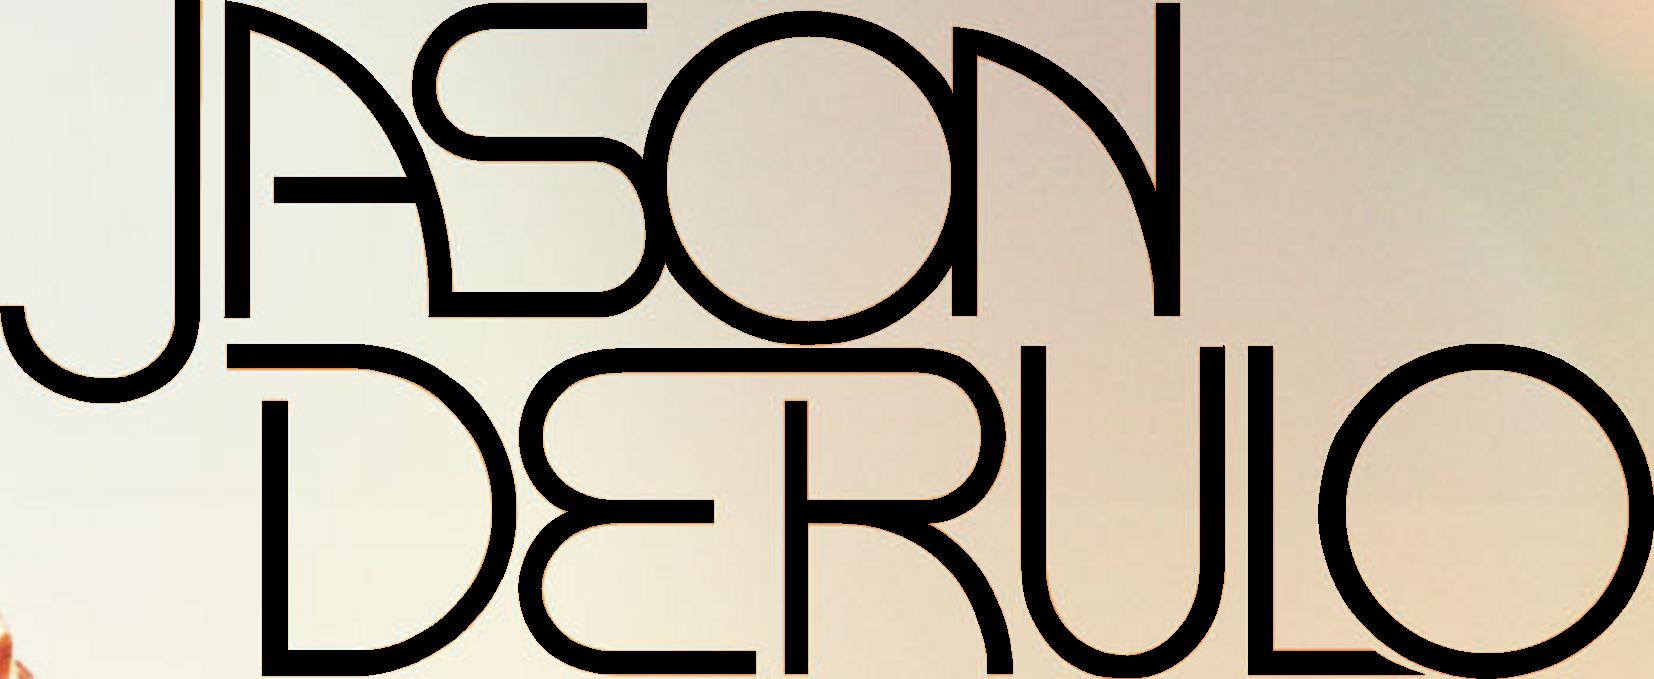 Jason Derulo logo.